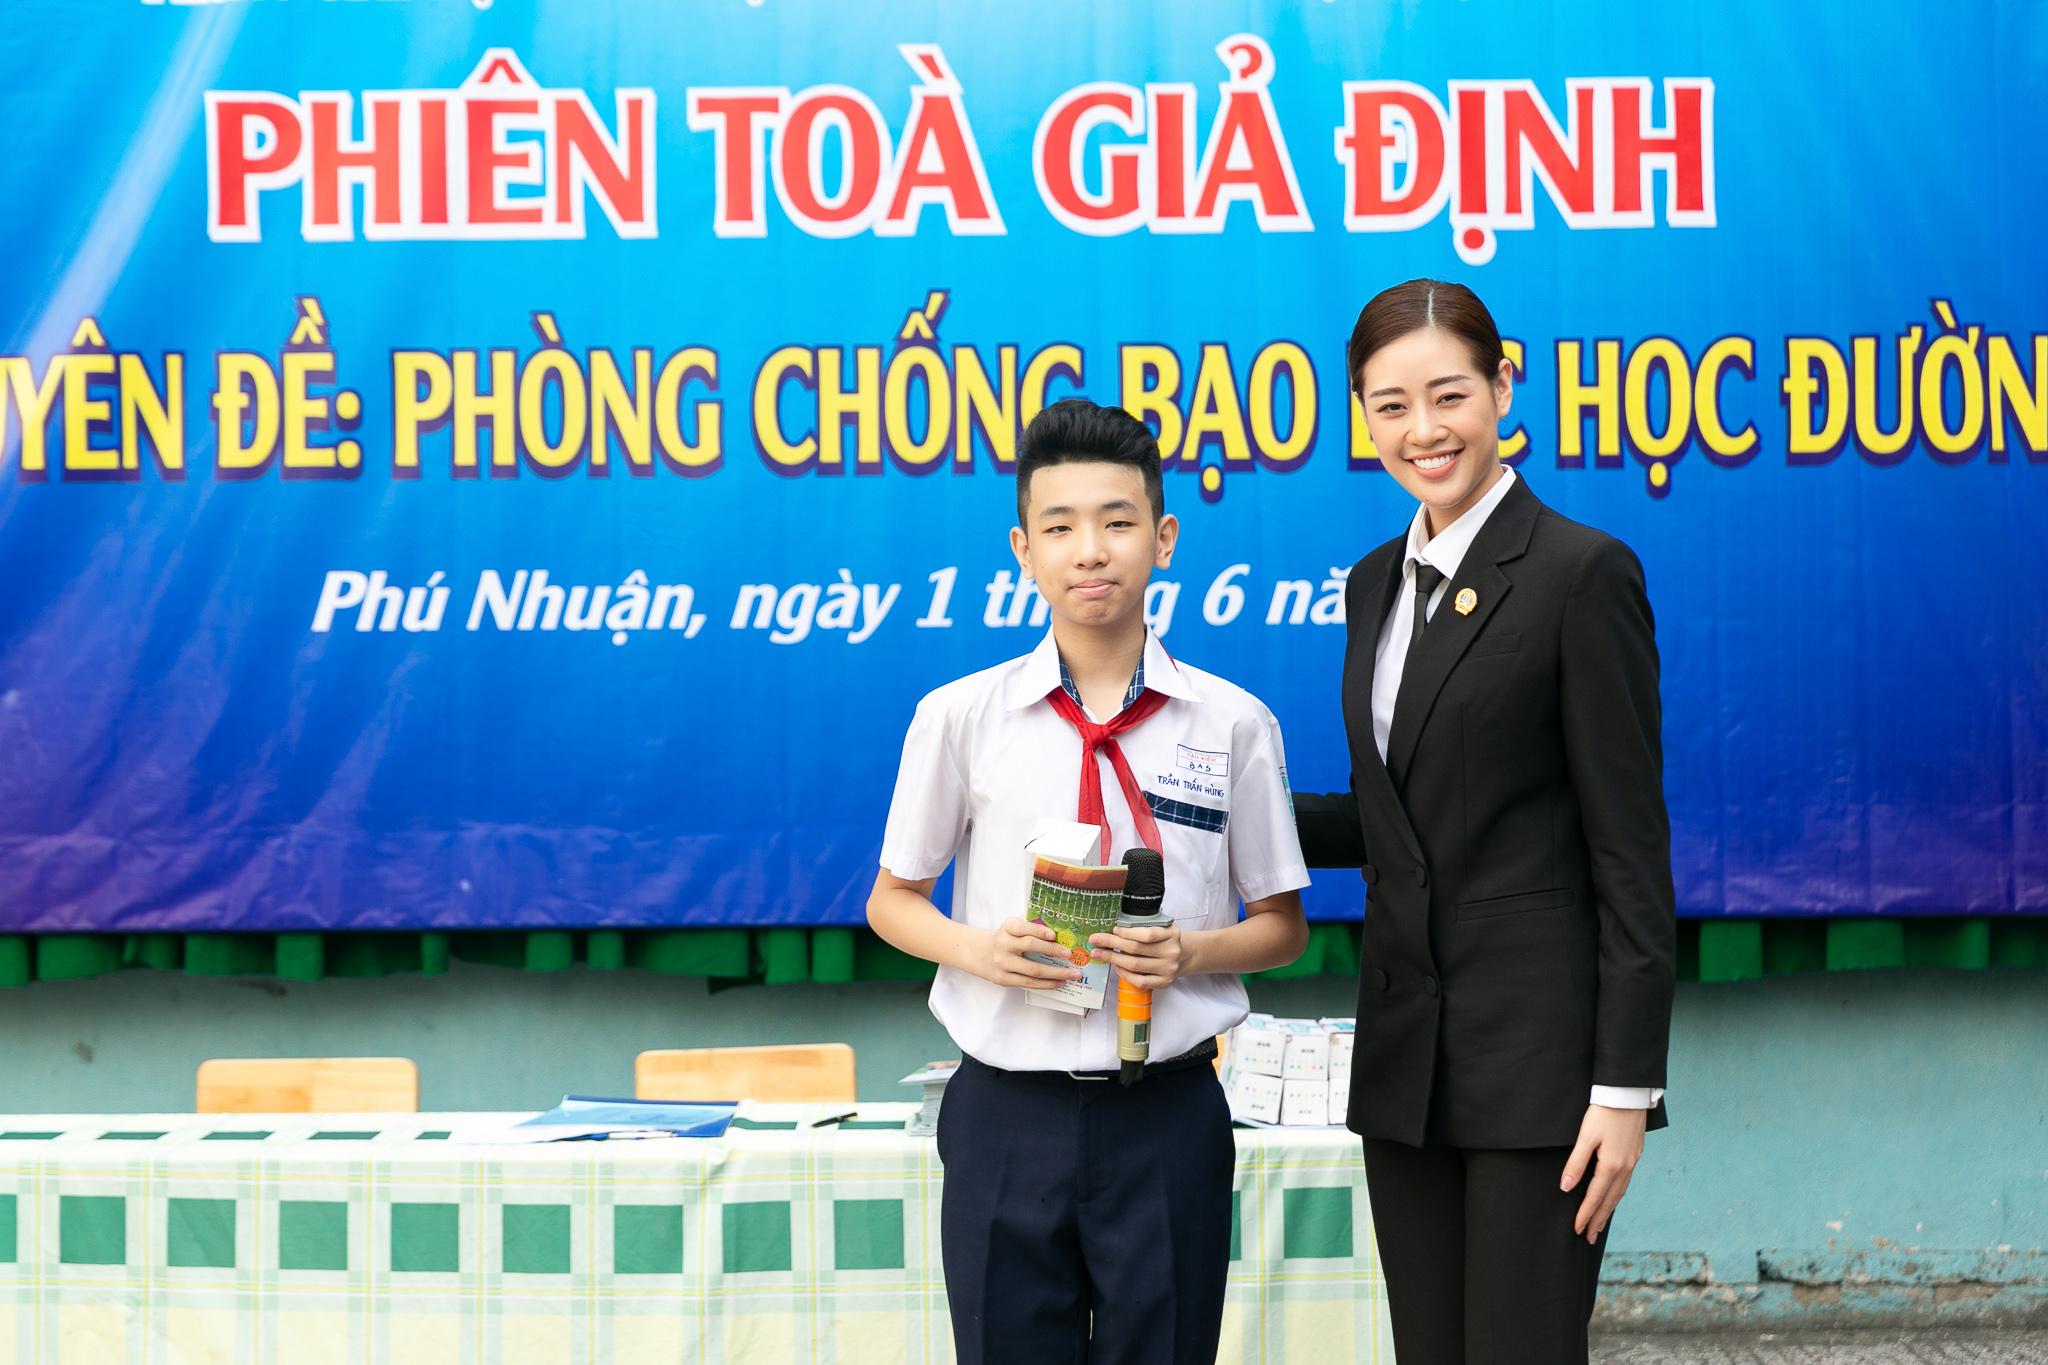 Hoa Hau Khanh Van_Phien toa gia dinh (46)